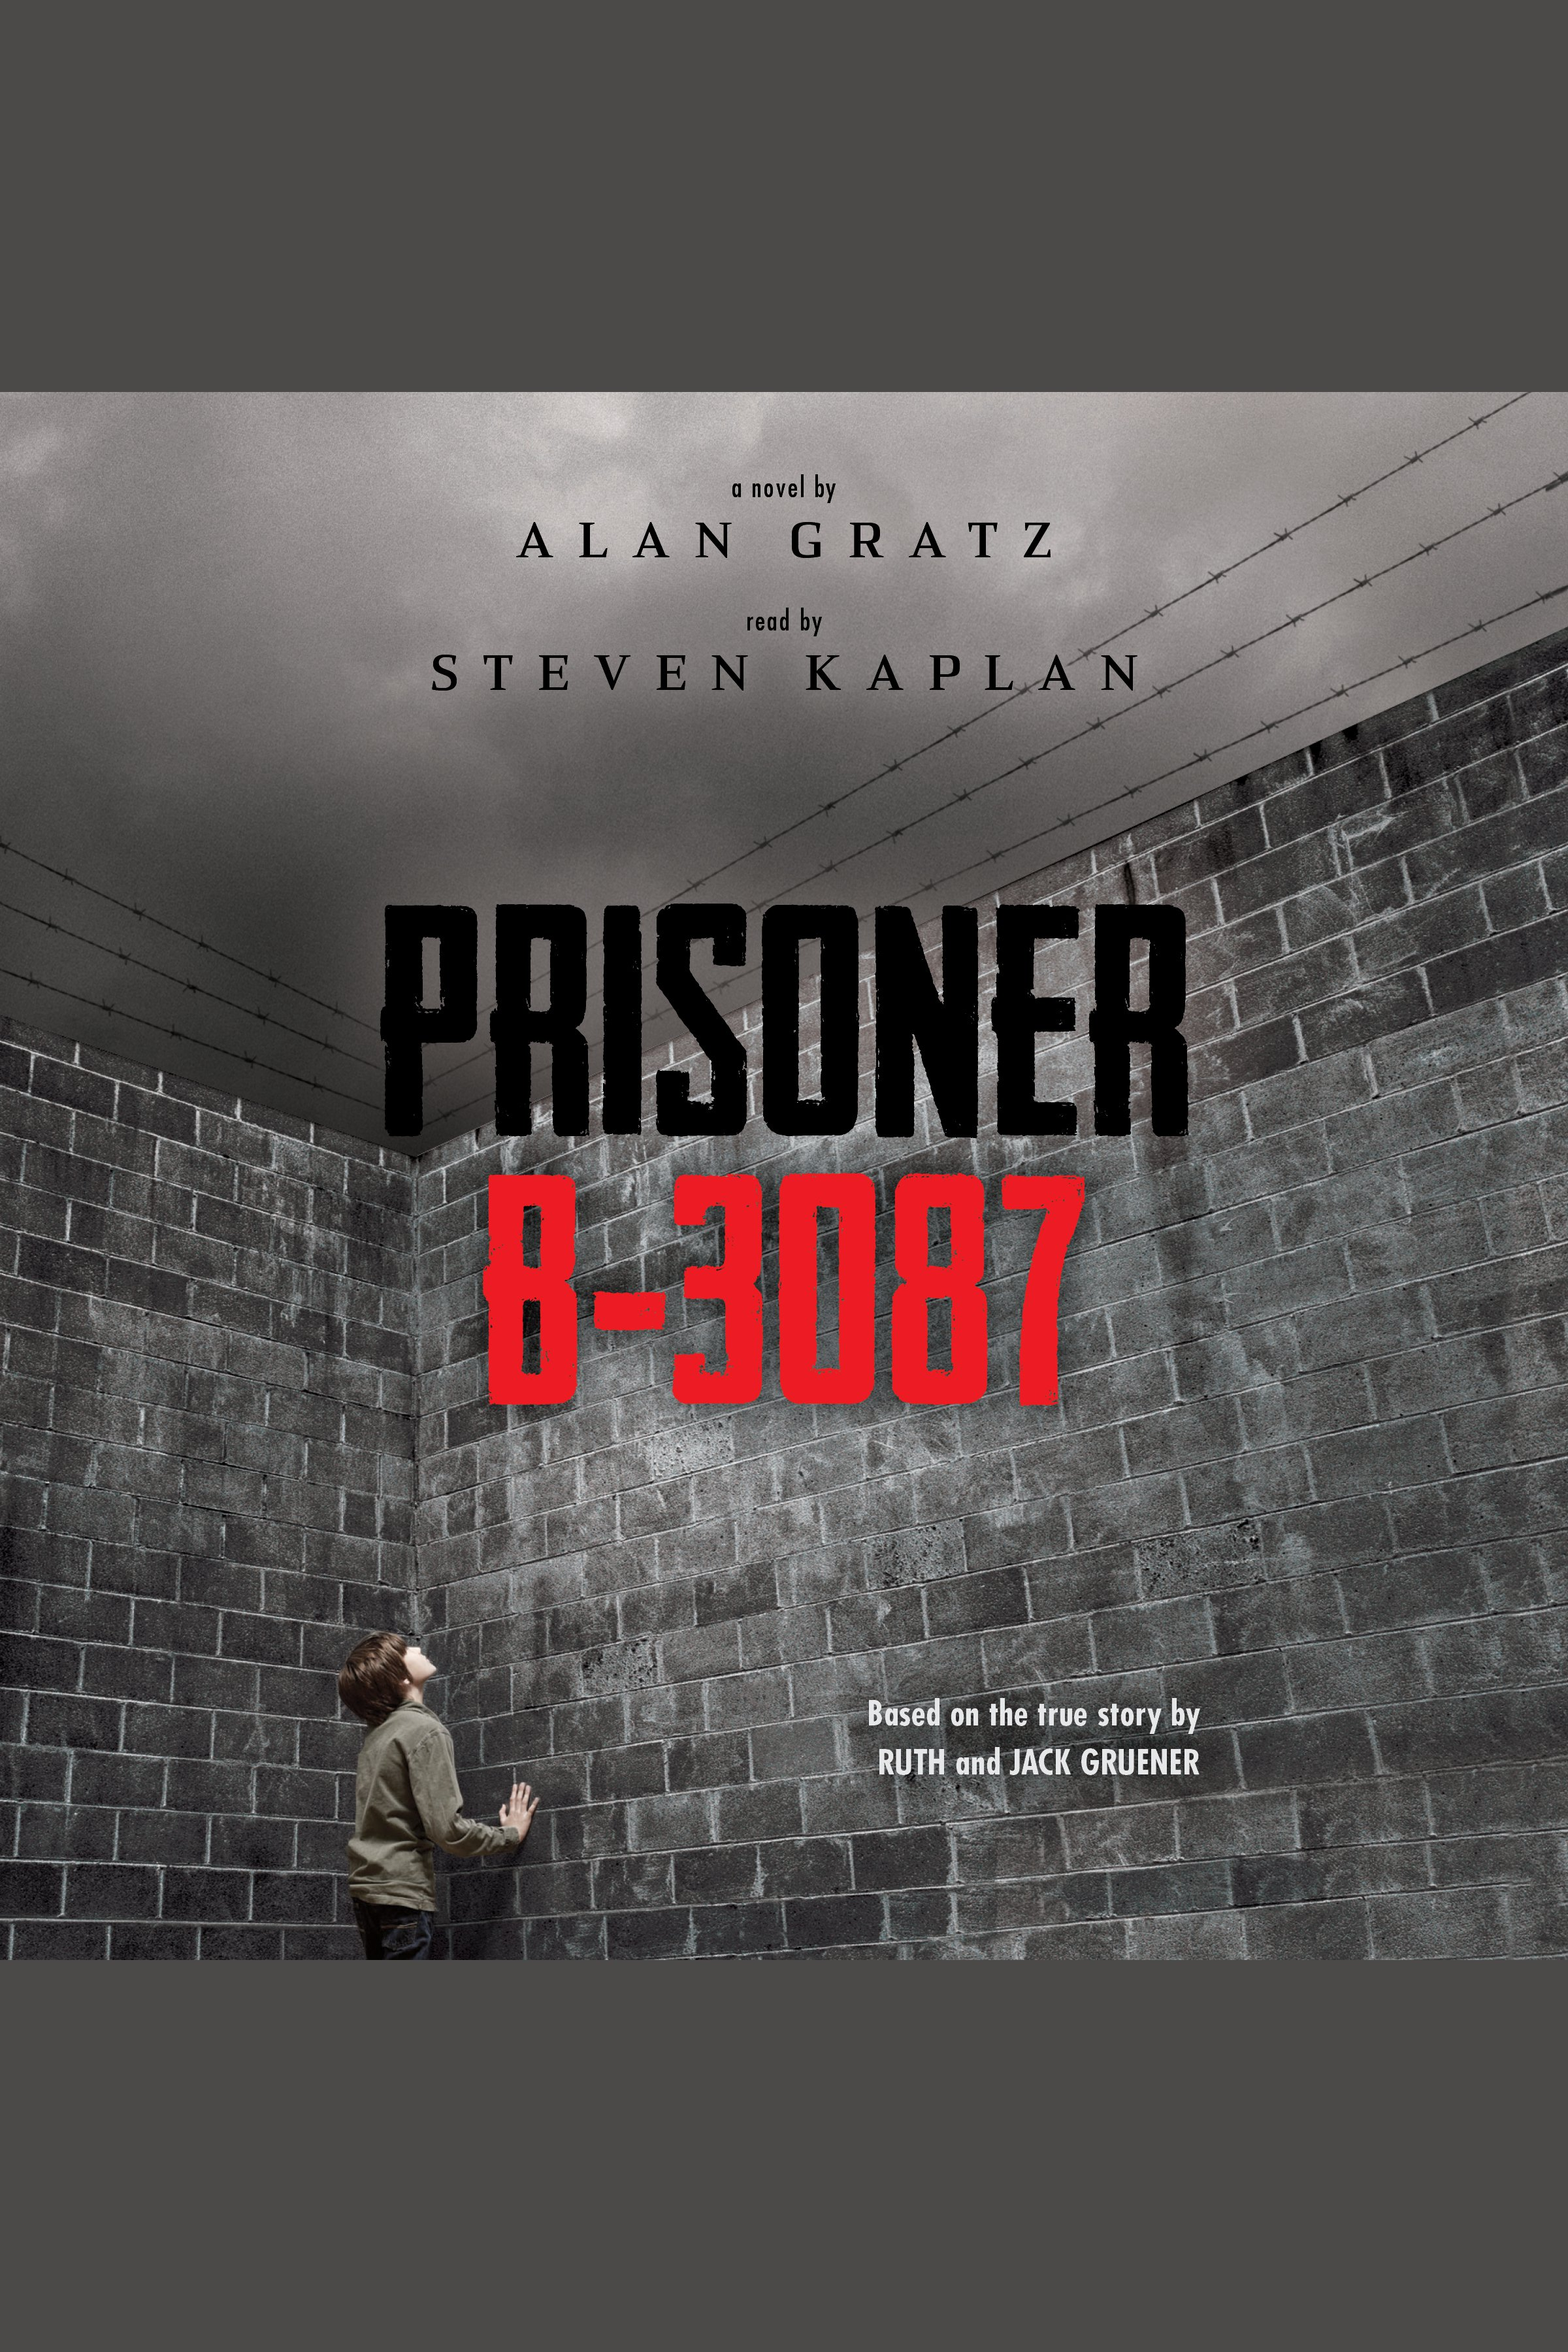 Prisoner B-3087 cover image